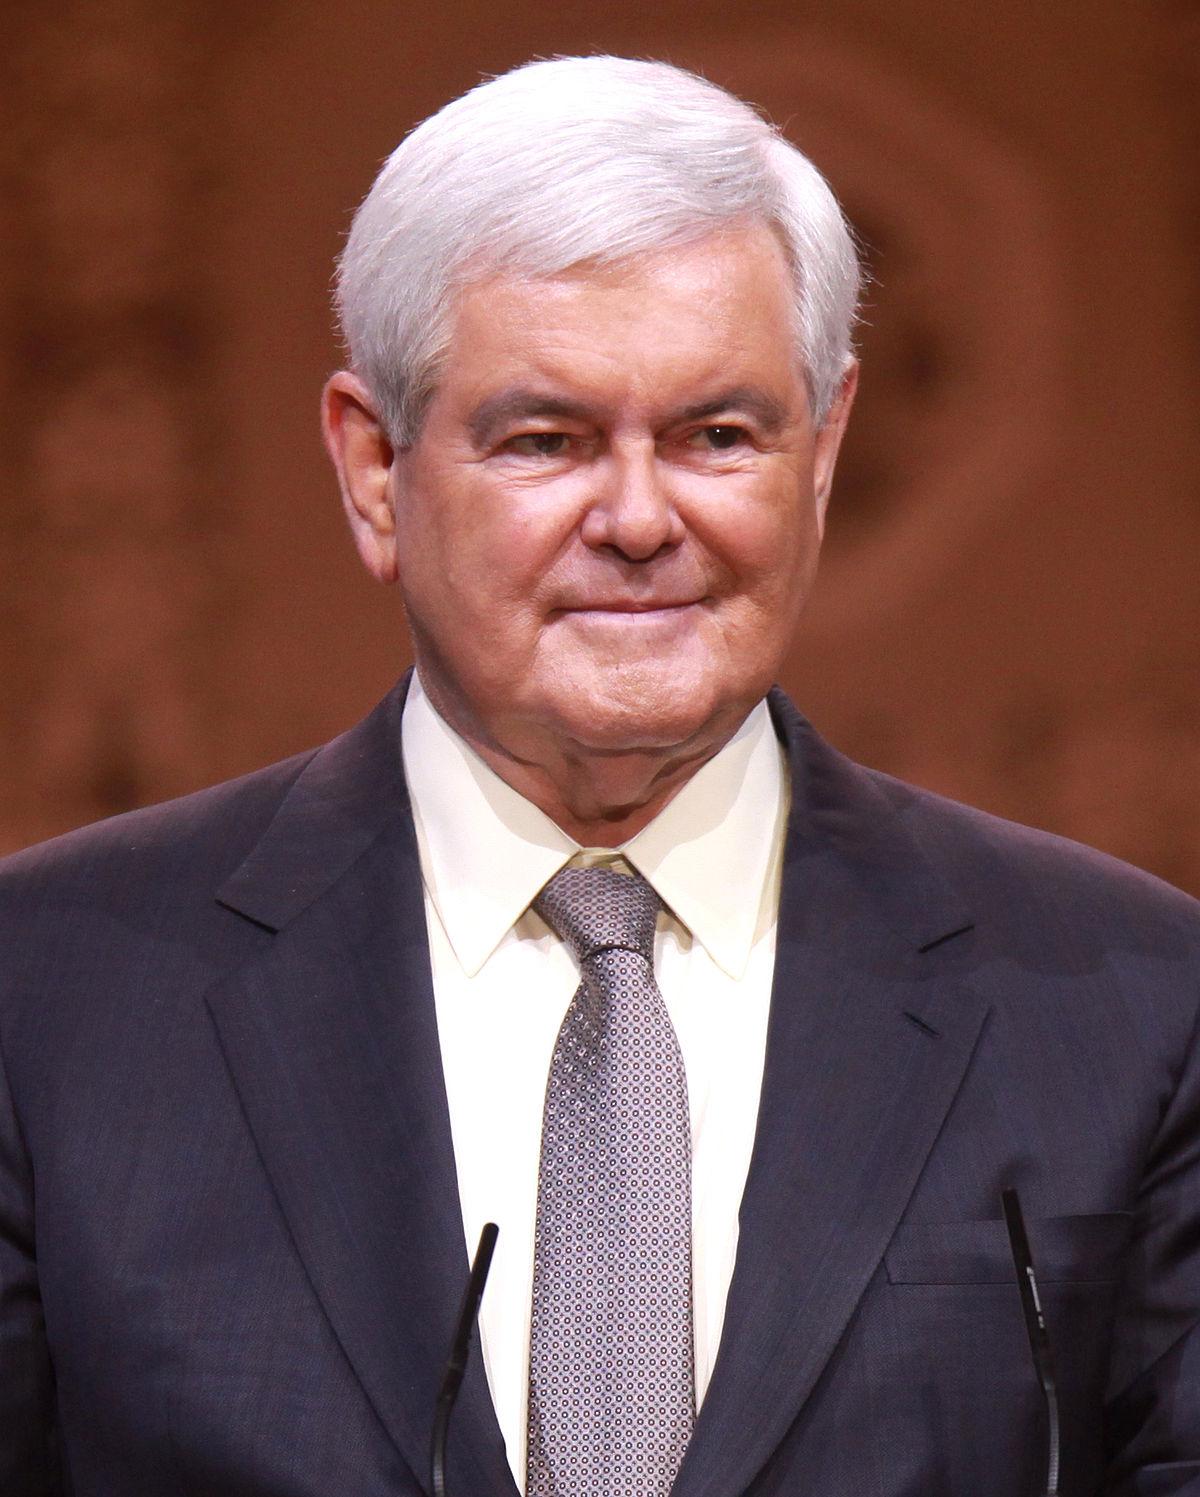 Newt Gingrich by Gage Skidmore 7.jpg